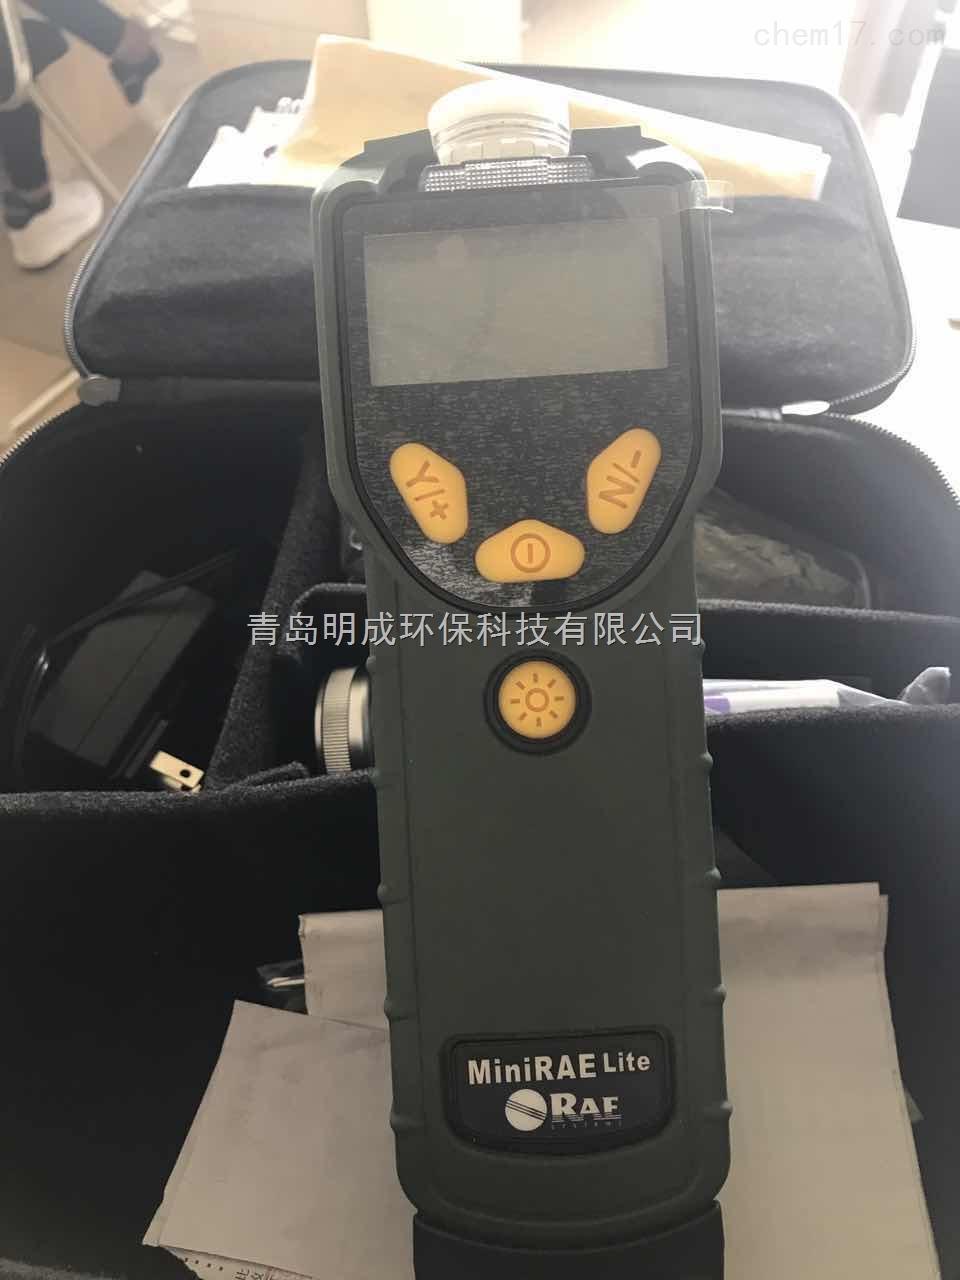 美华瑞 PGM7300 MiniRAE Lite VOC检测仪